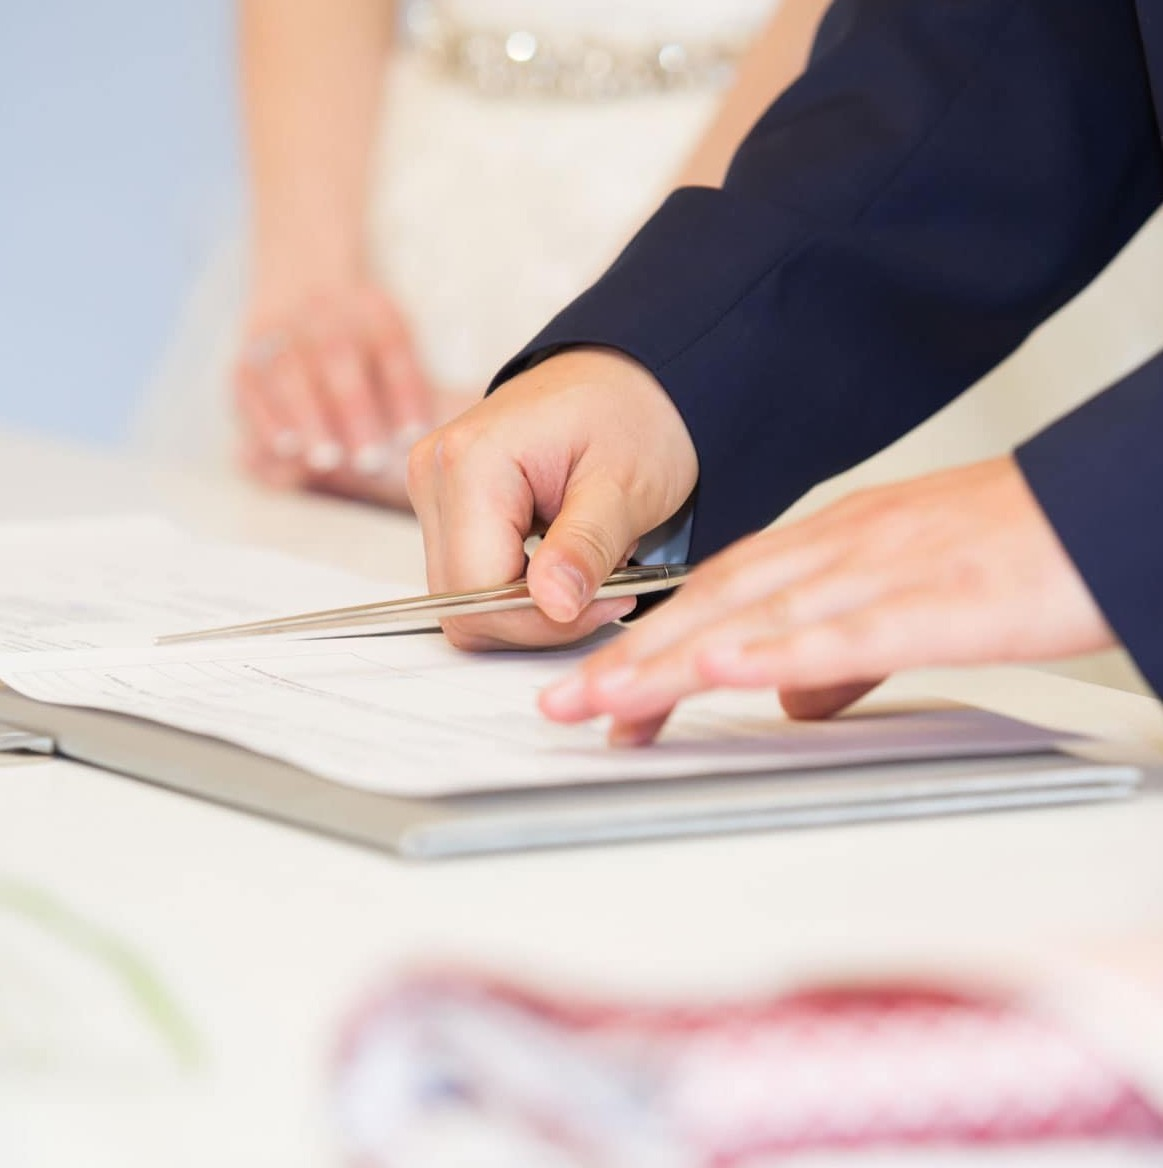 Congedo matrimoniale 2020 come funziona. Leggi in vigore e contratti nazionali